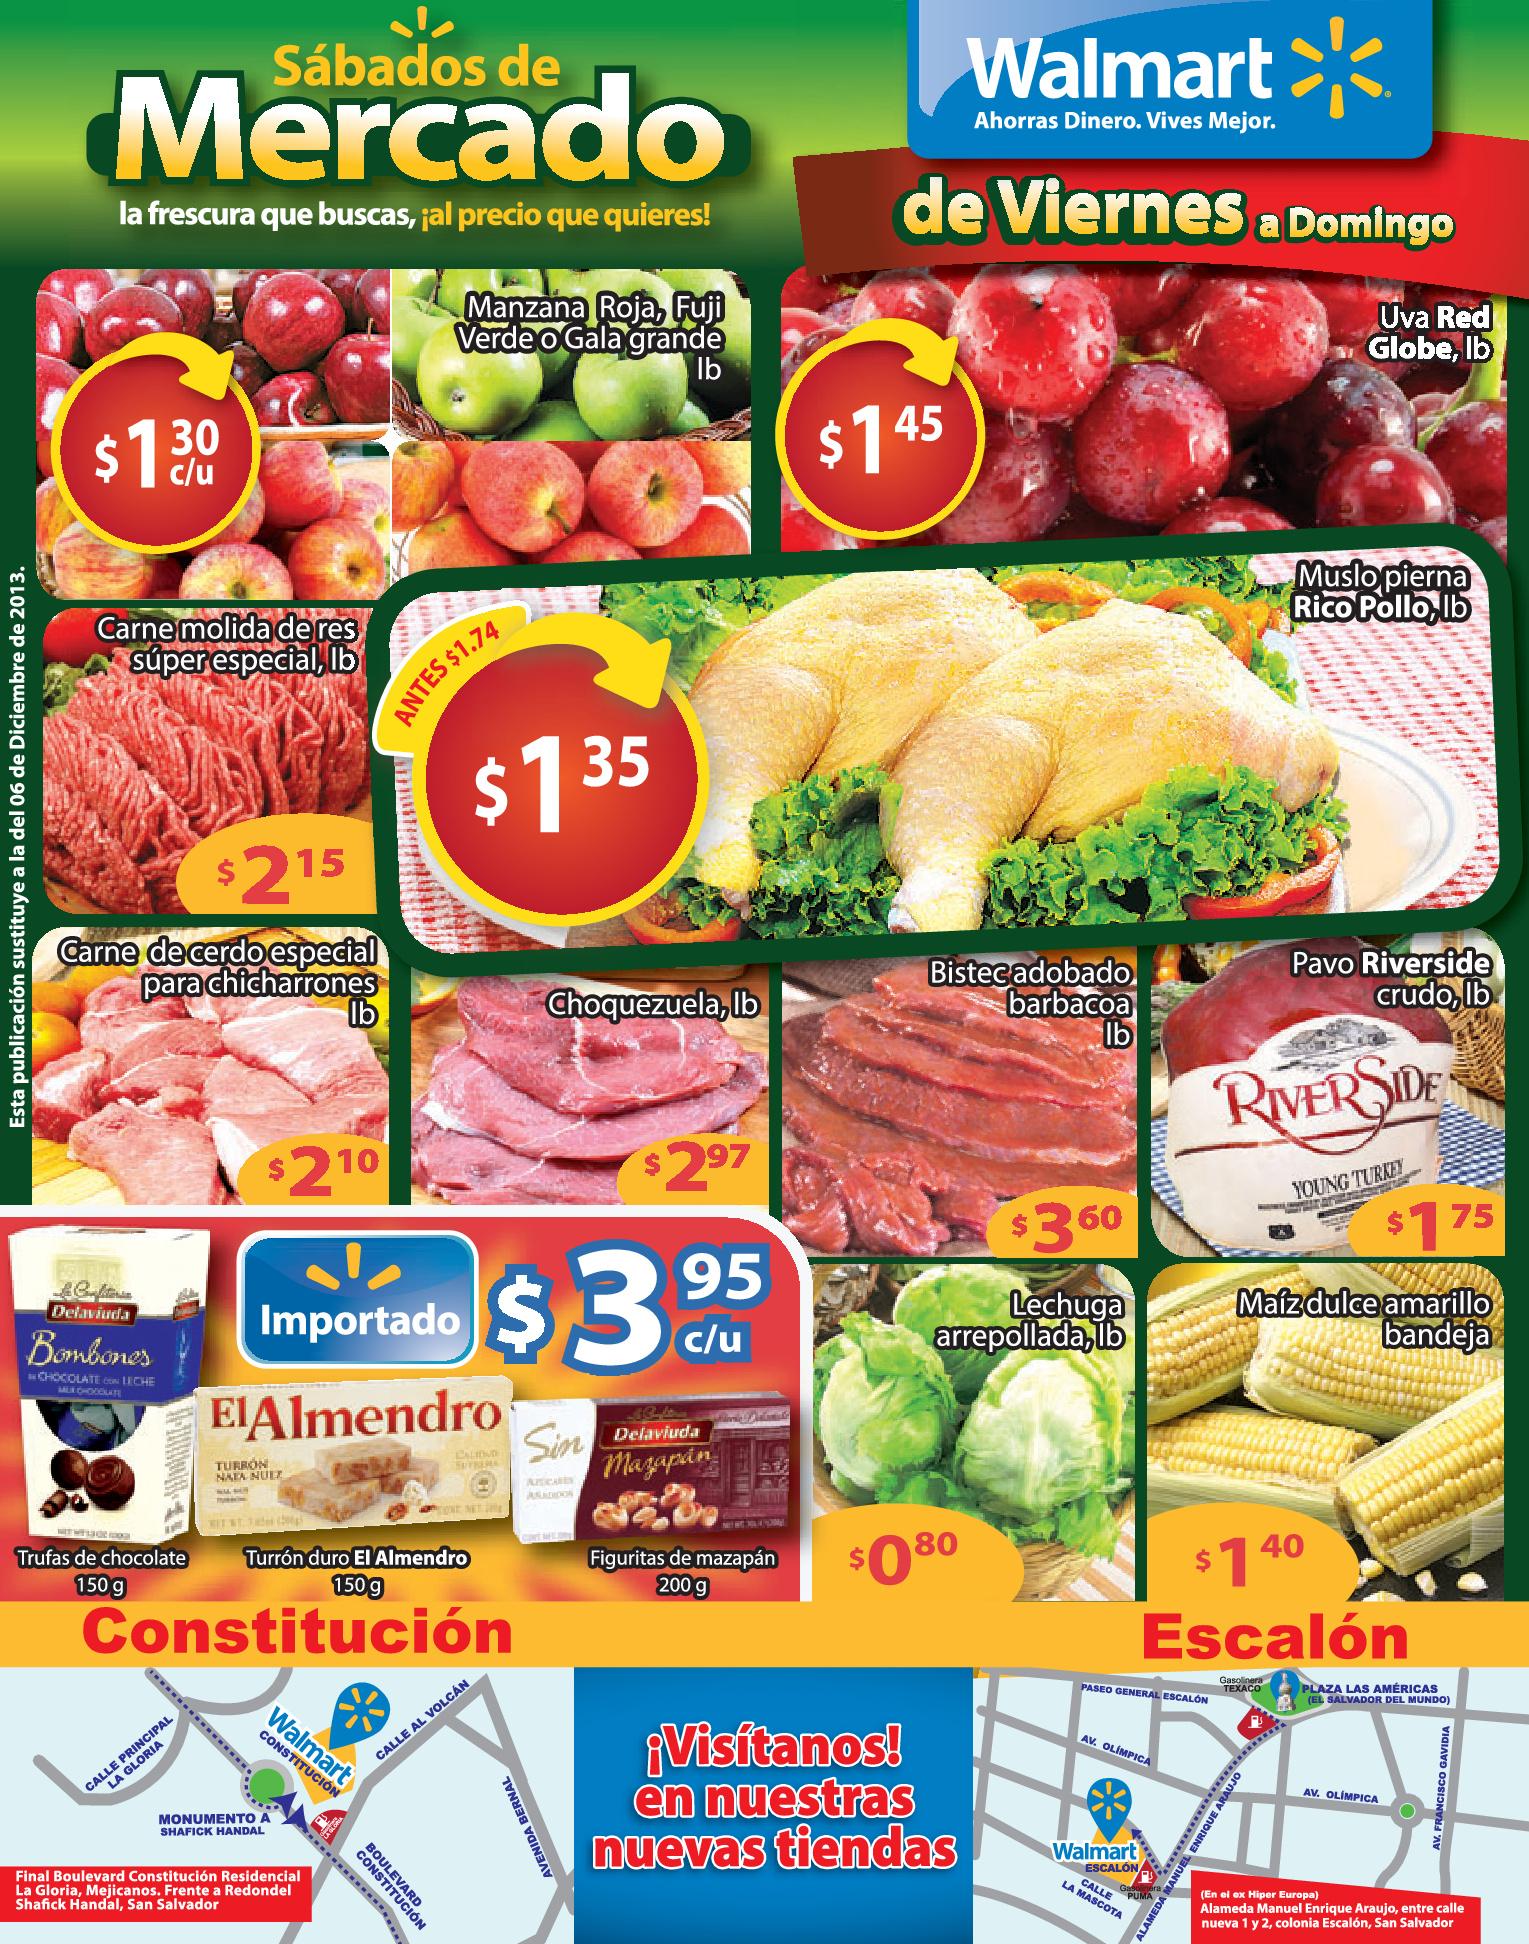 - Viernes-Sabado-Domingo-de-Mercado-en-WALMART-ofertas-13dic13